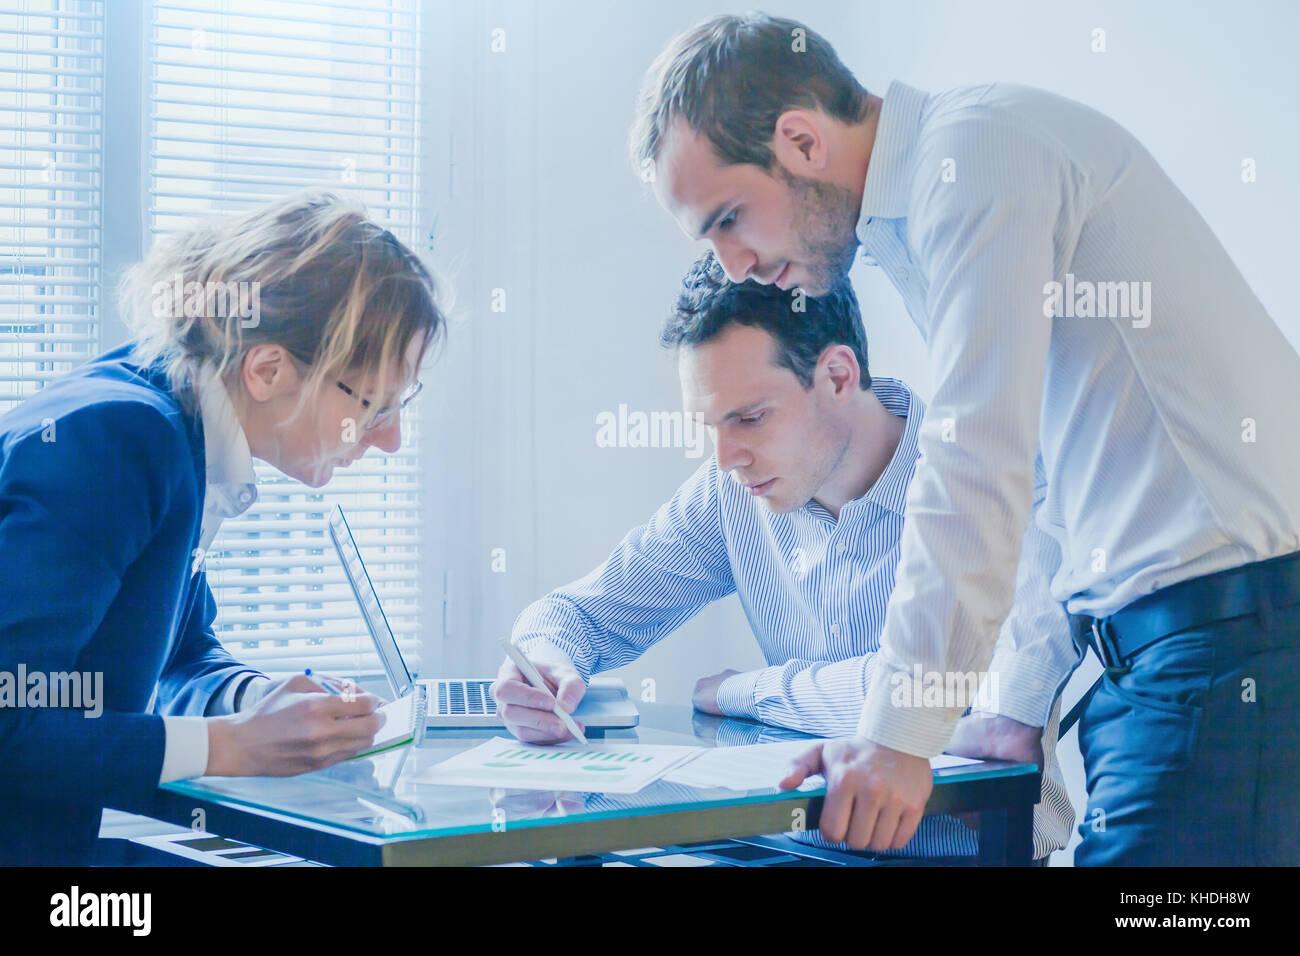 Business team che lavora su un progetto di avvio di sviluppo, un gruppo di persone che si incontrano in un moderno Immagini Stock